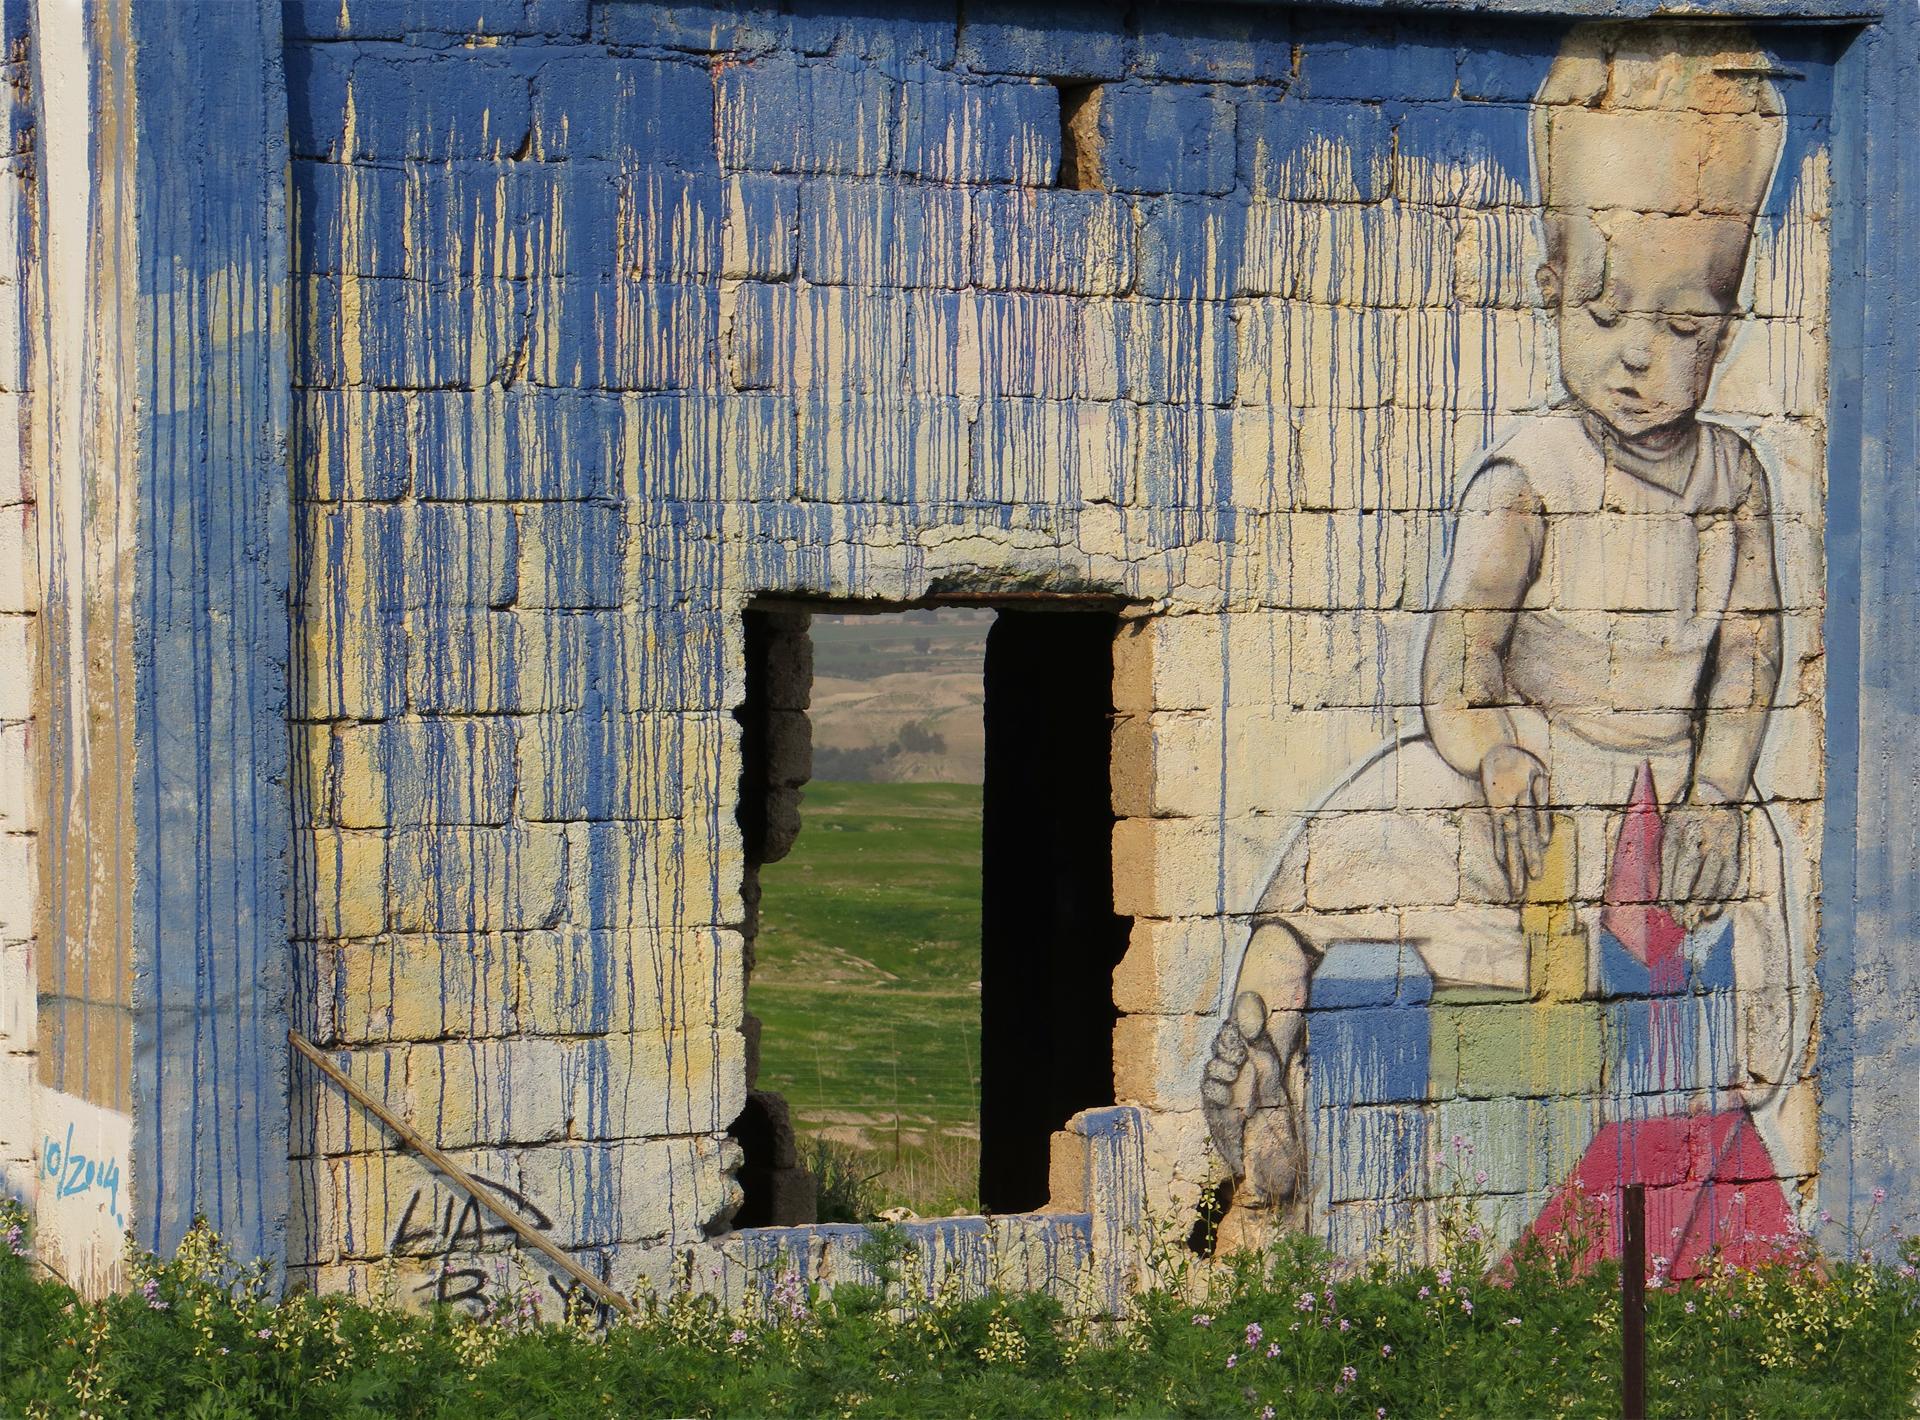 כביש הבקעה - יואל שתרוג - אדמה יוצרת - yoel sitruk